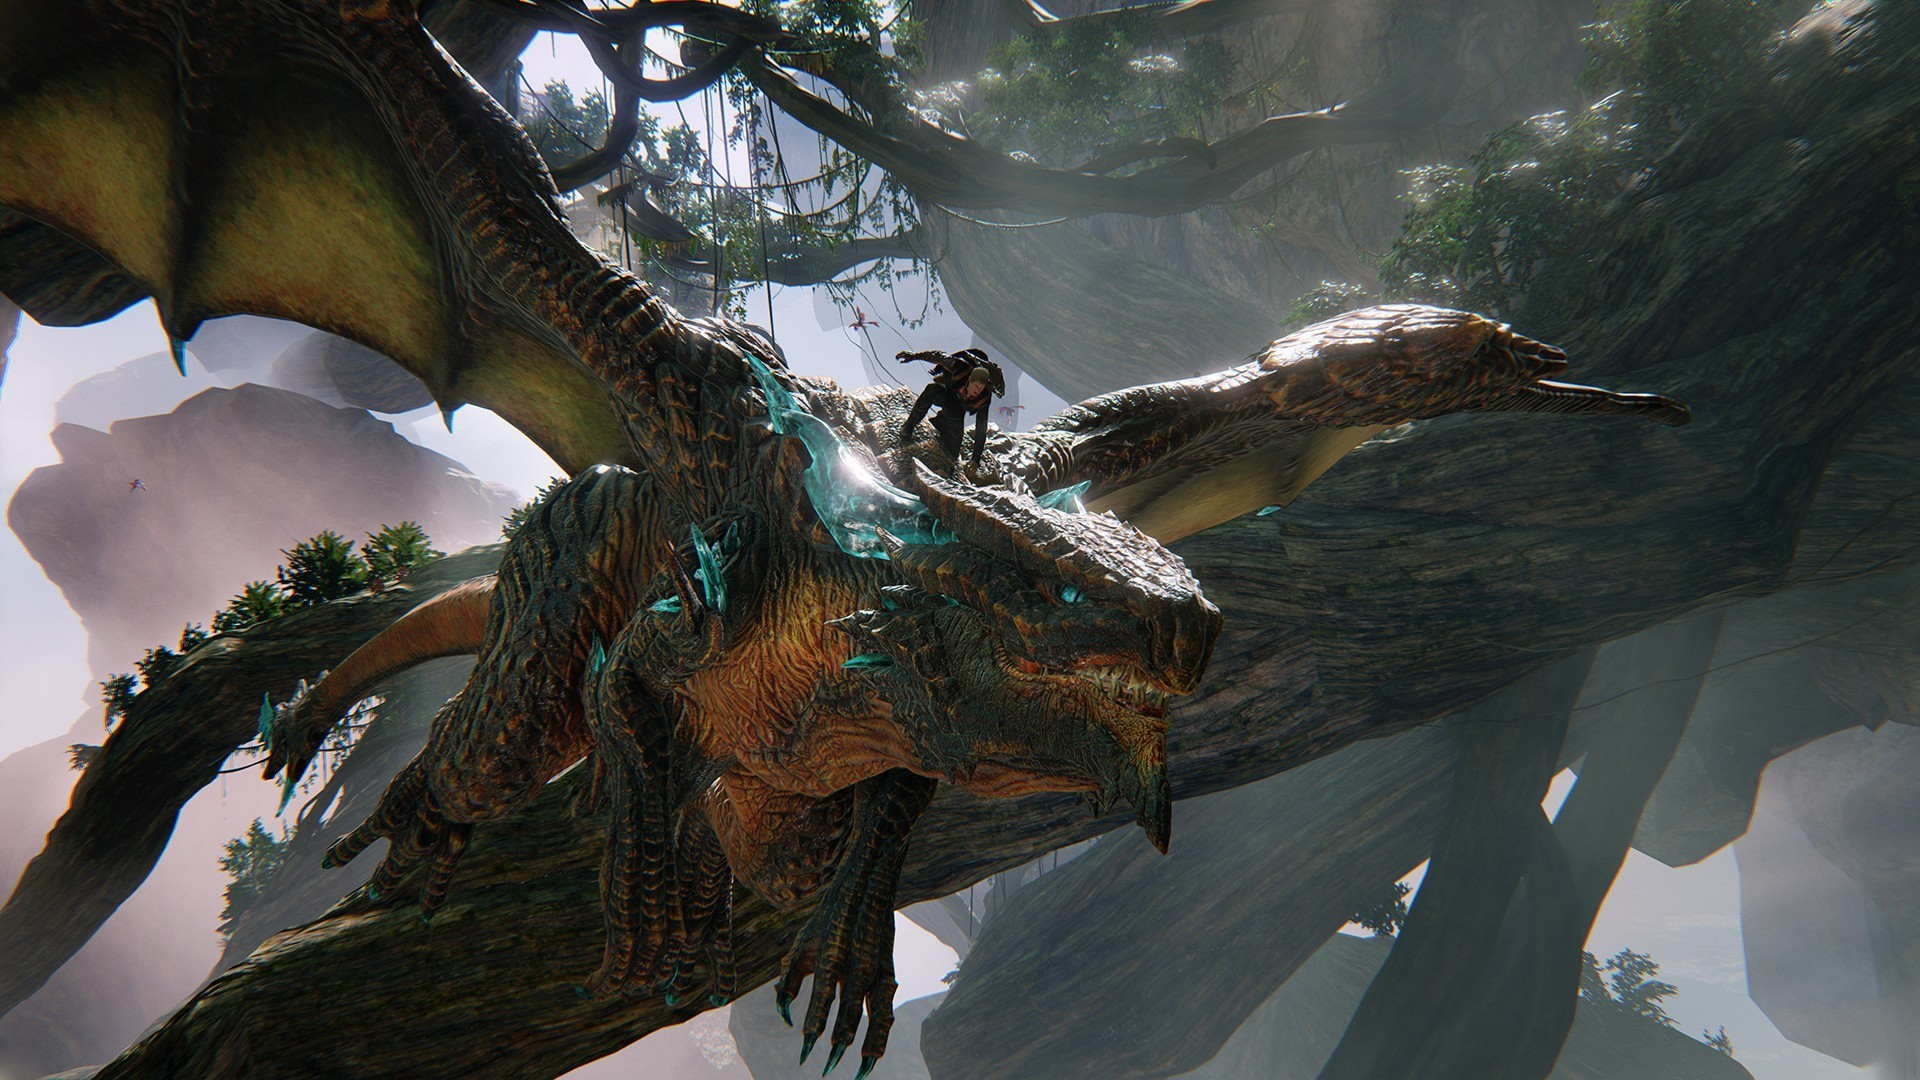 《龙鳞化身》可以在游戏中养成飞龙